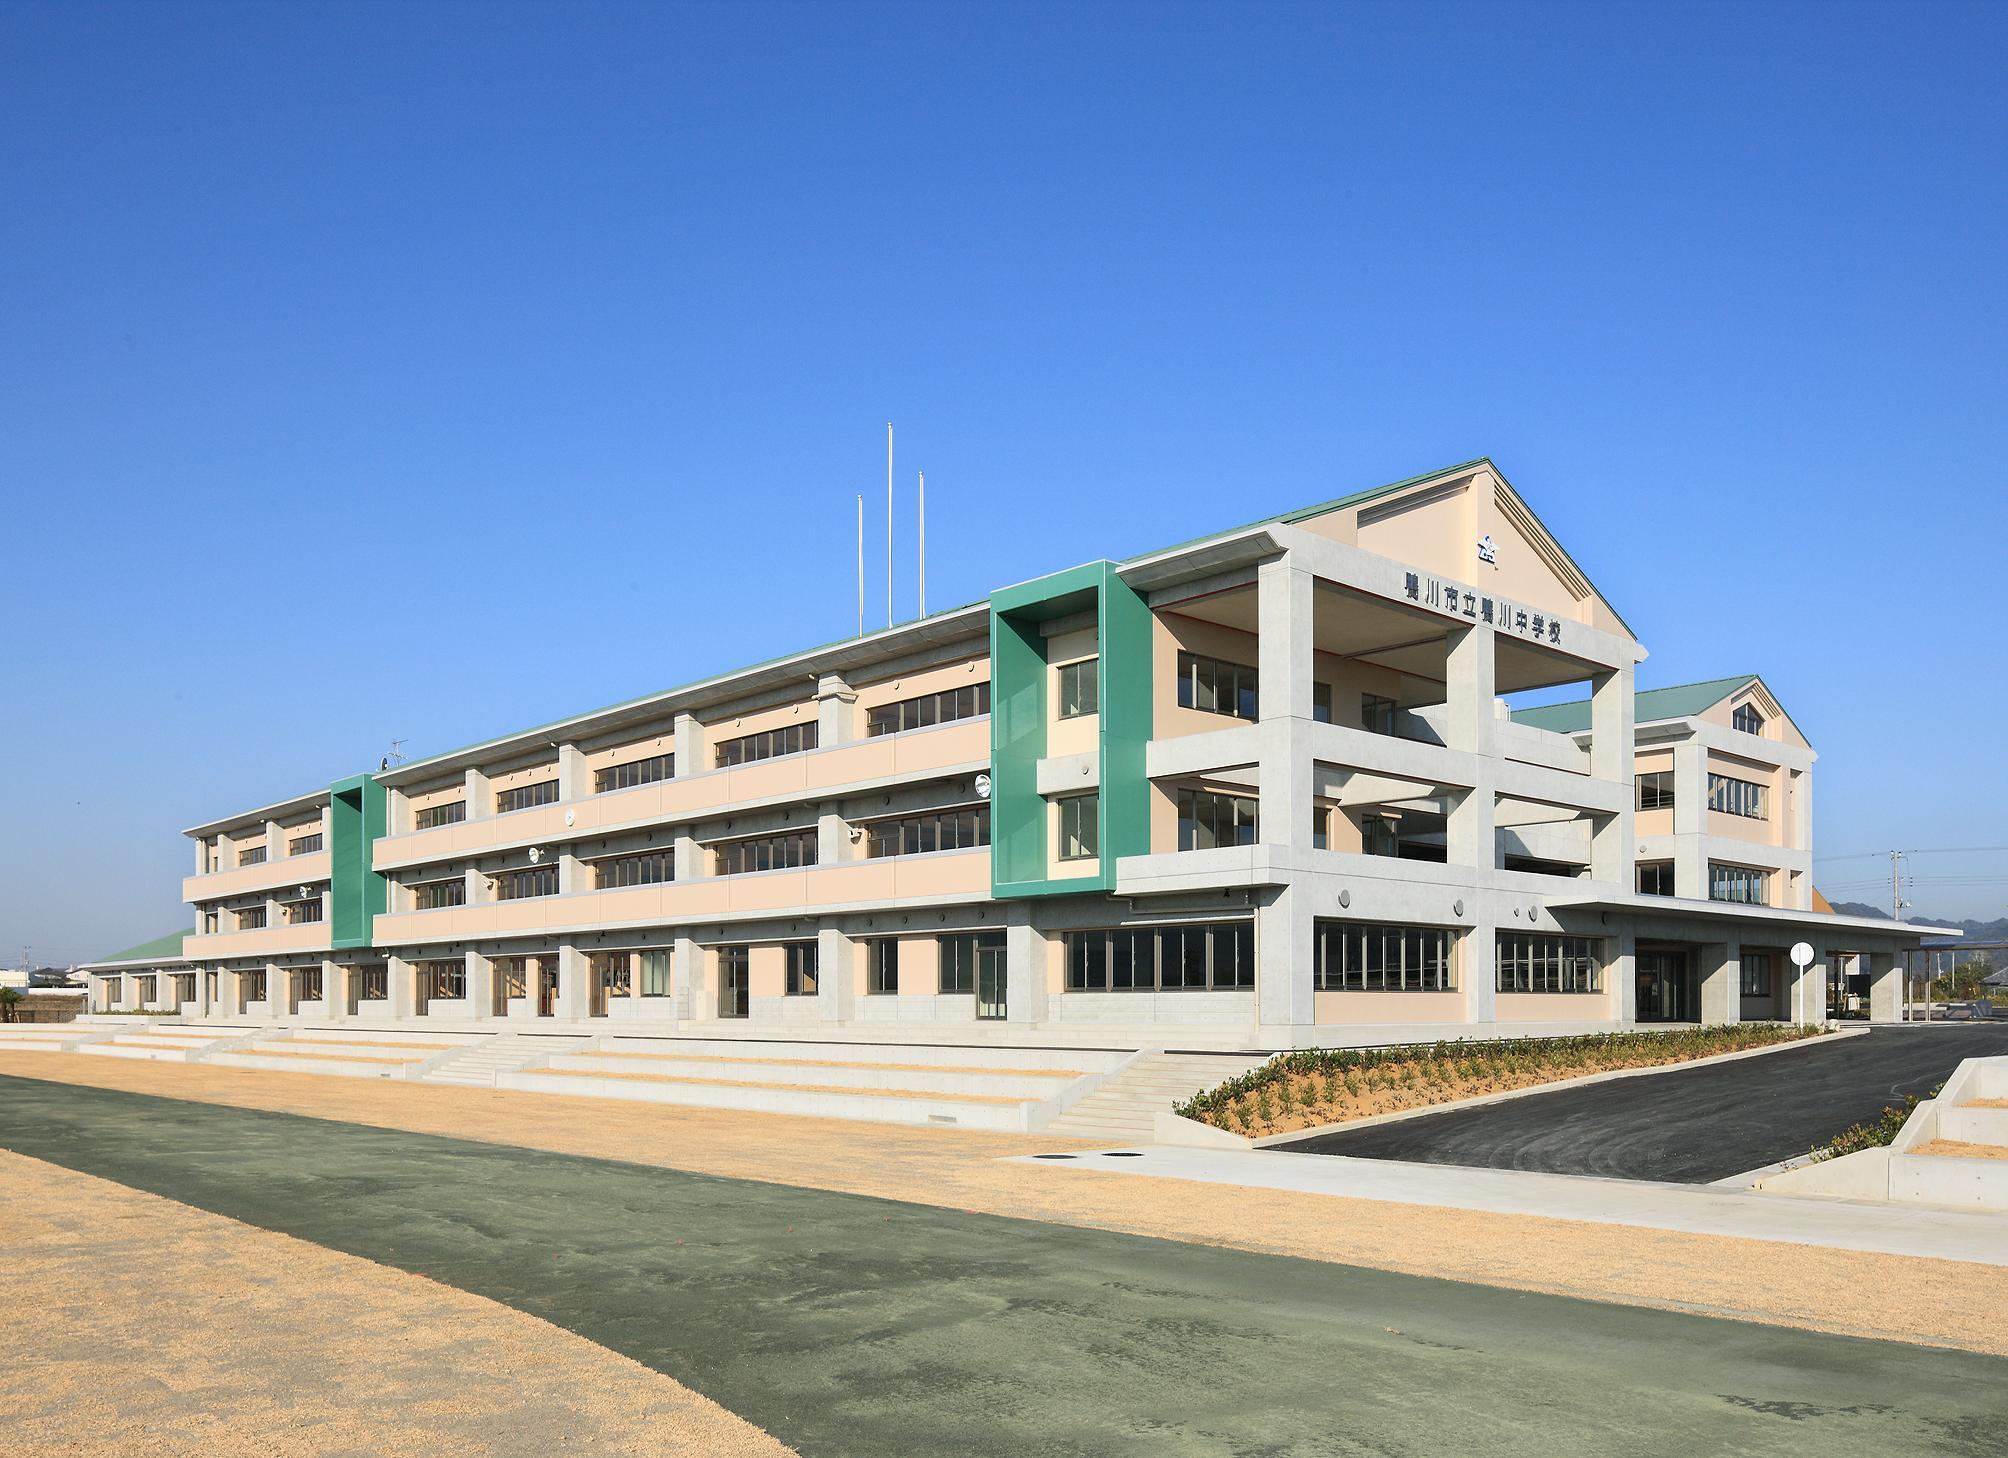 鴨川市立鴨川中学校